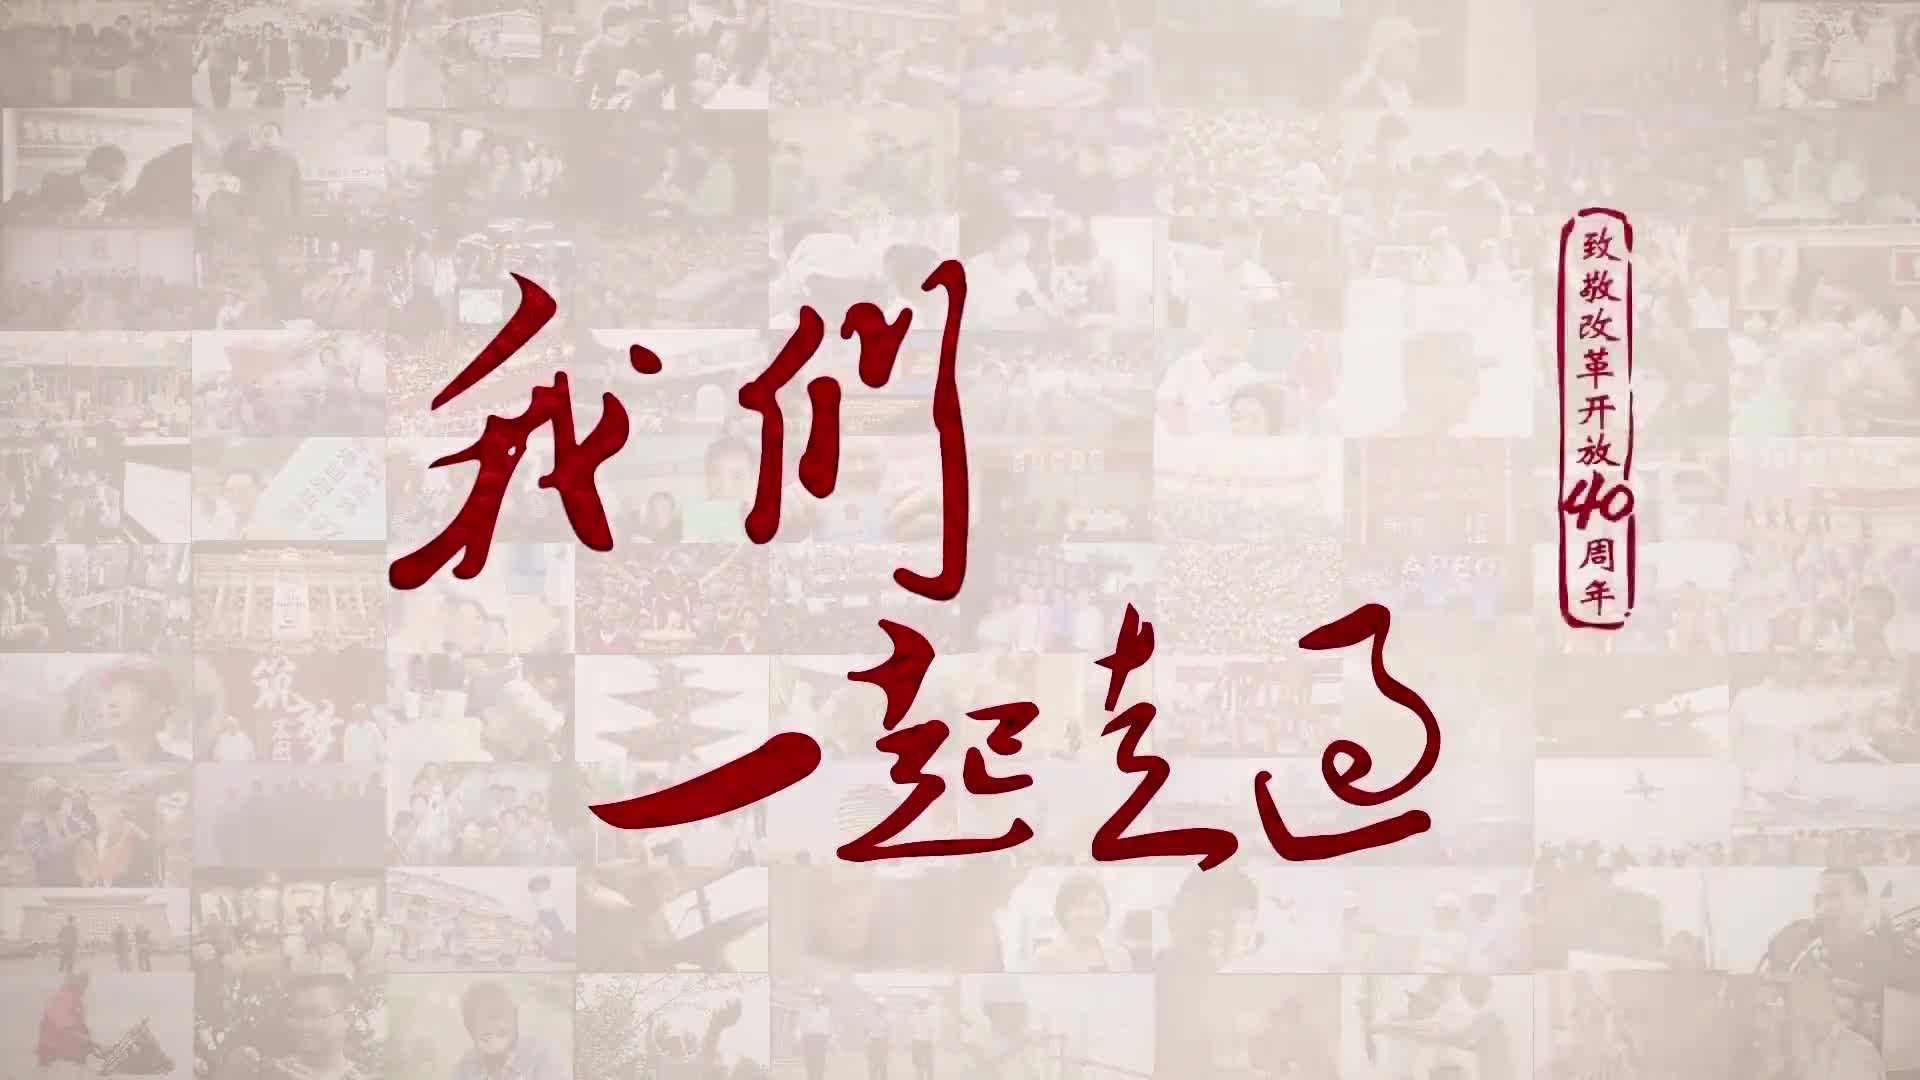 4分钟速览:大型电视纪录片《我们一起走过》第十三集、第十四集